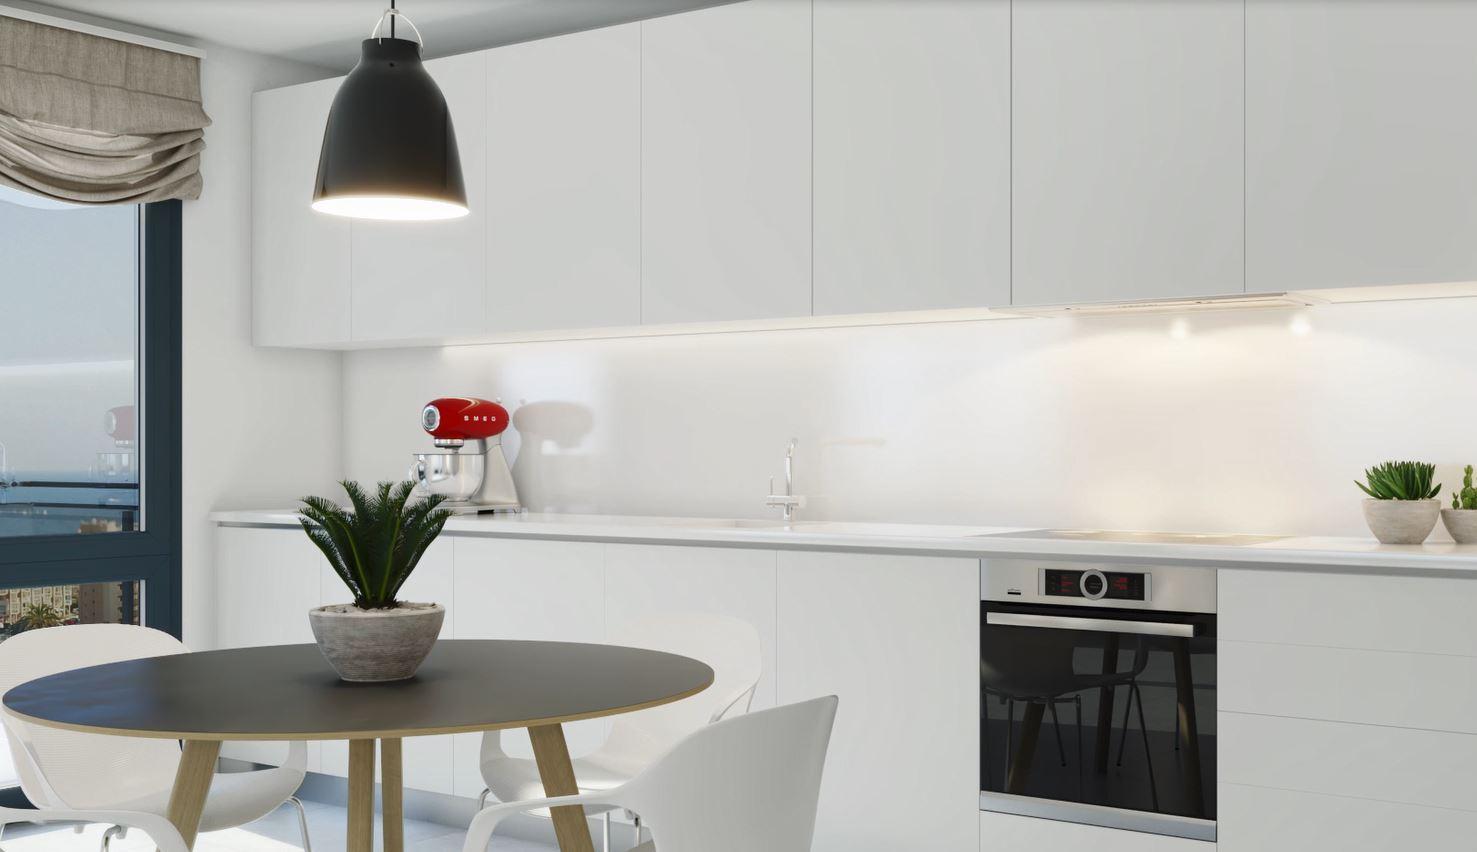 Neue Luxusförderung für innovativ gestaltete Wohnungen in Calpe